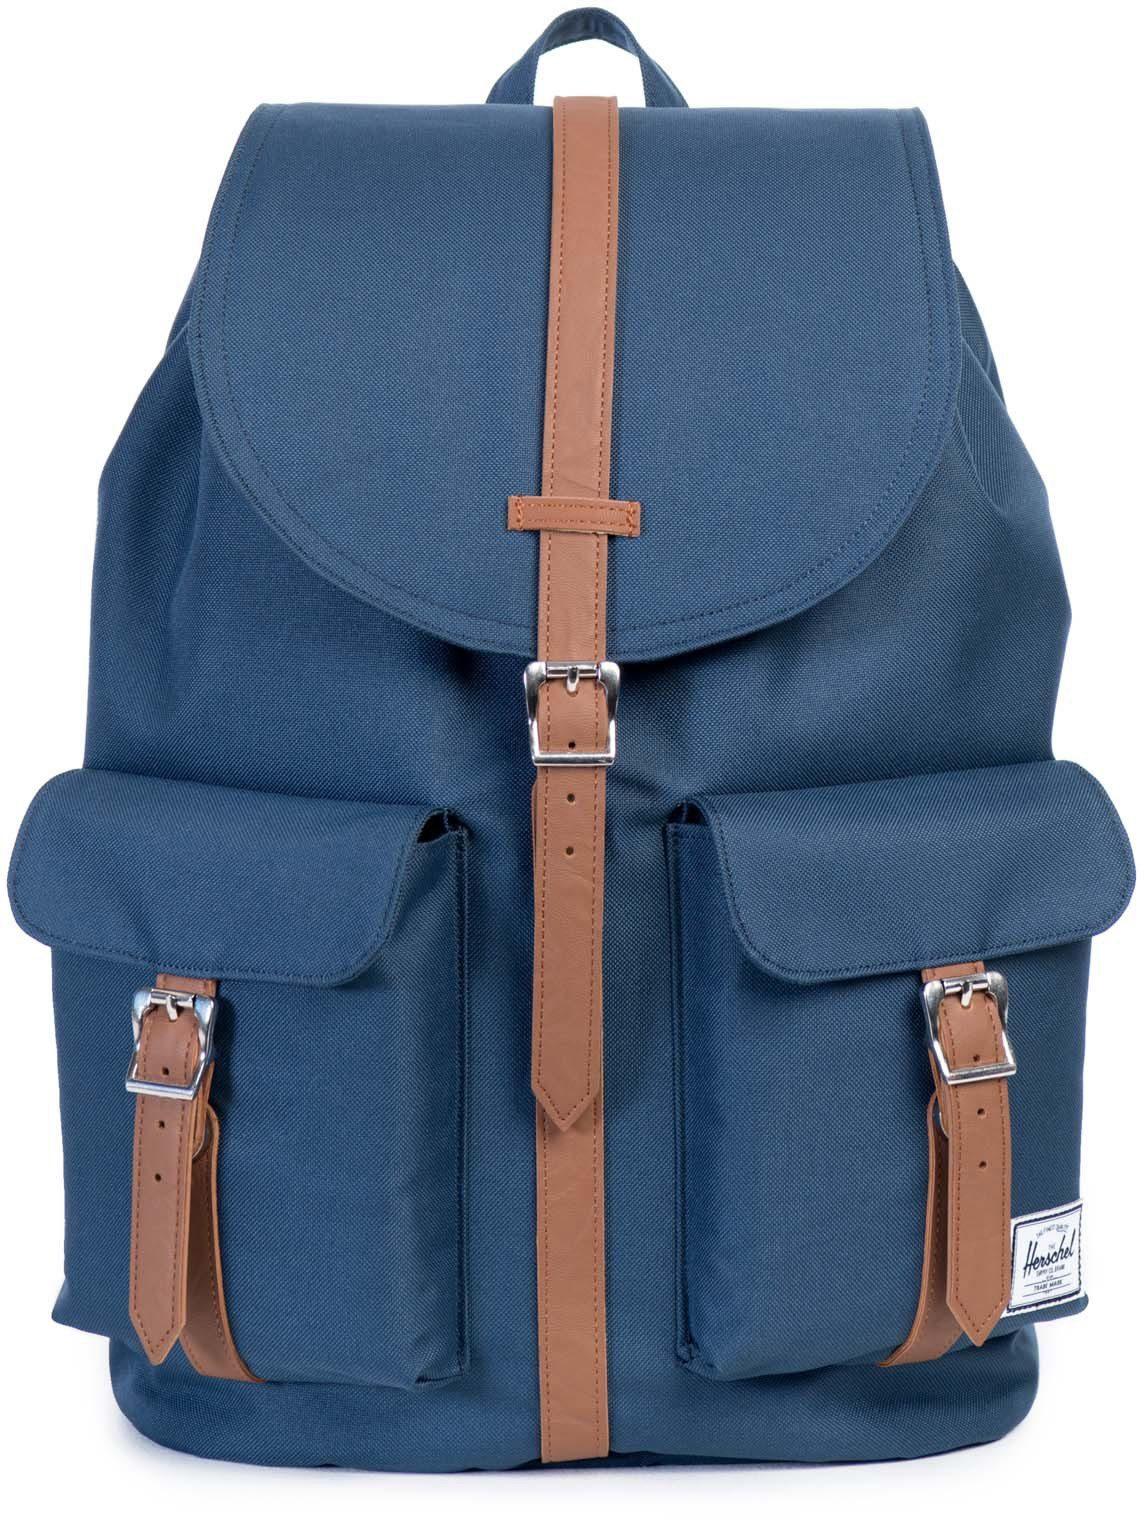 Herschel Rucksack mit Laptopfach, »Dawson Backpack, Navy«